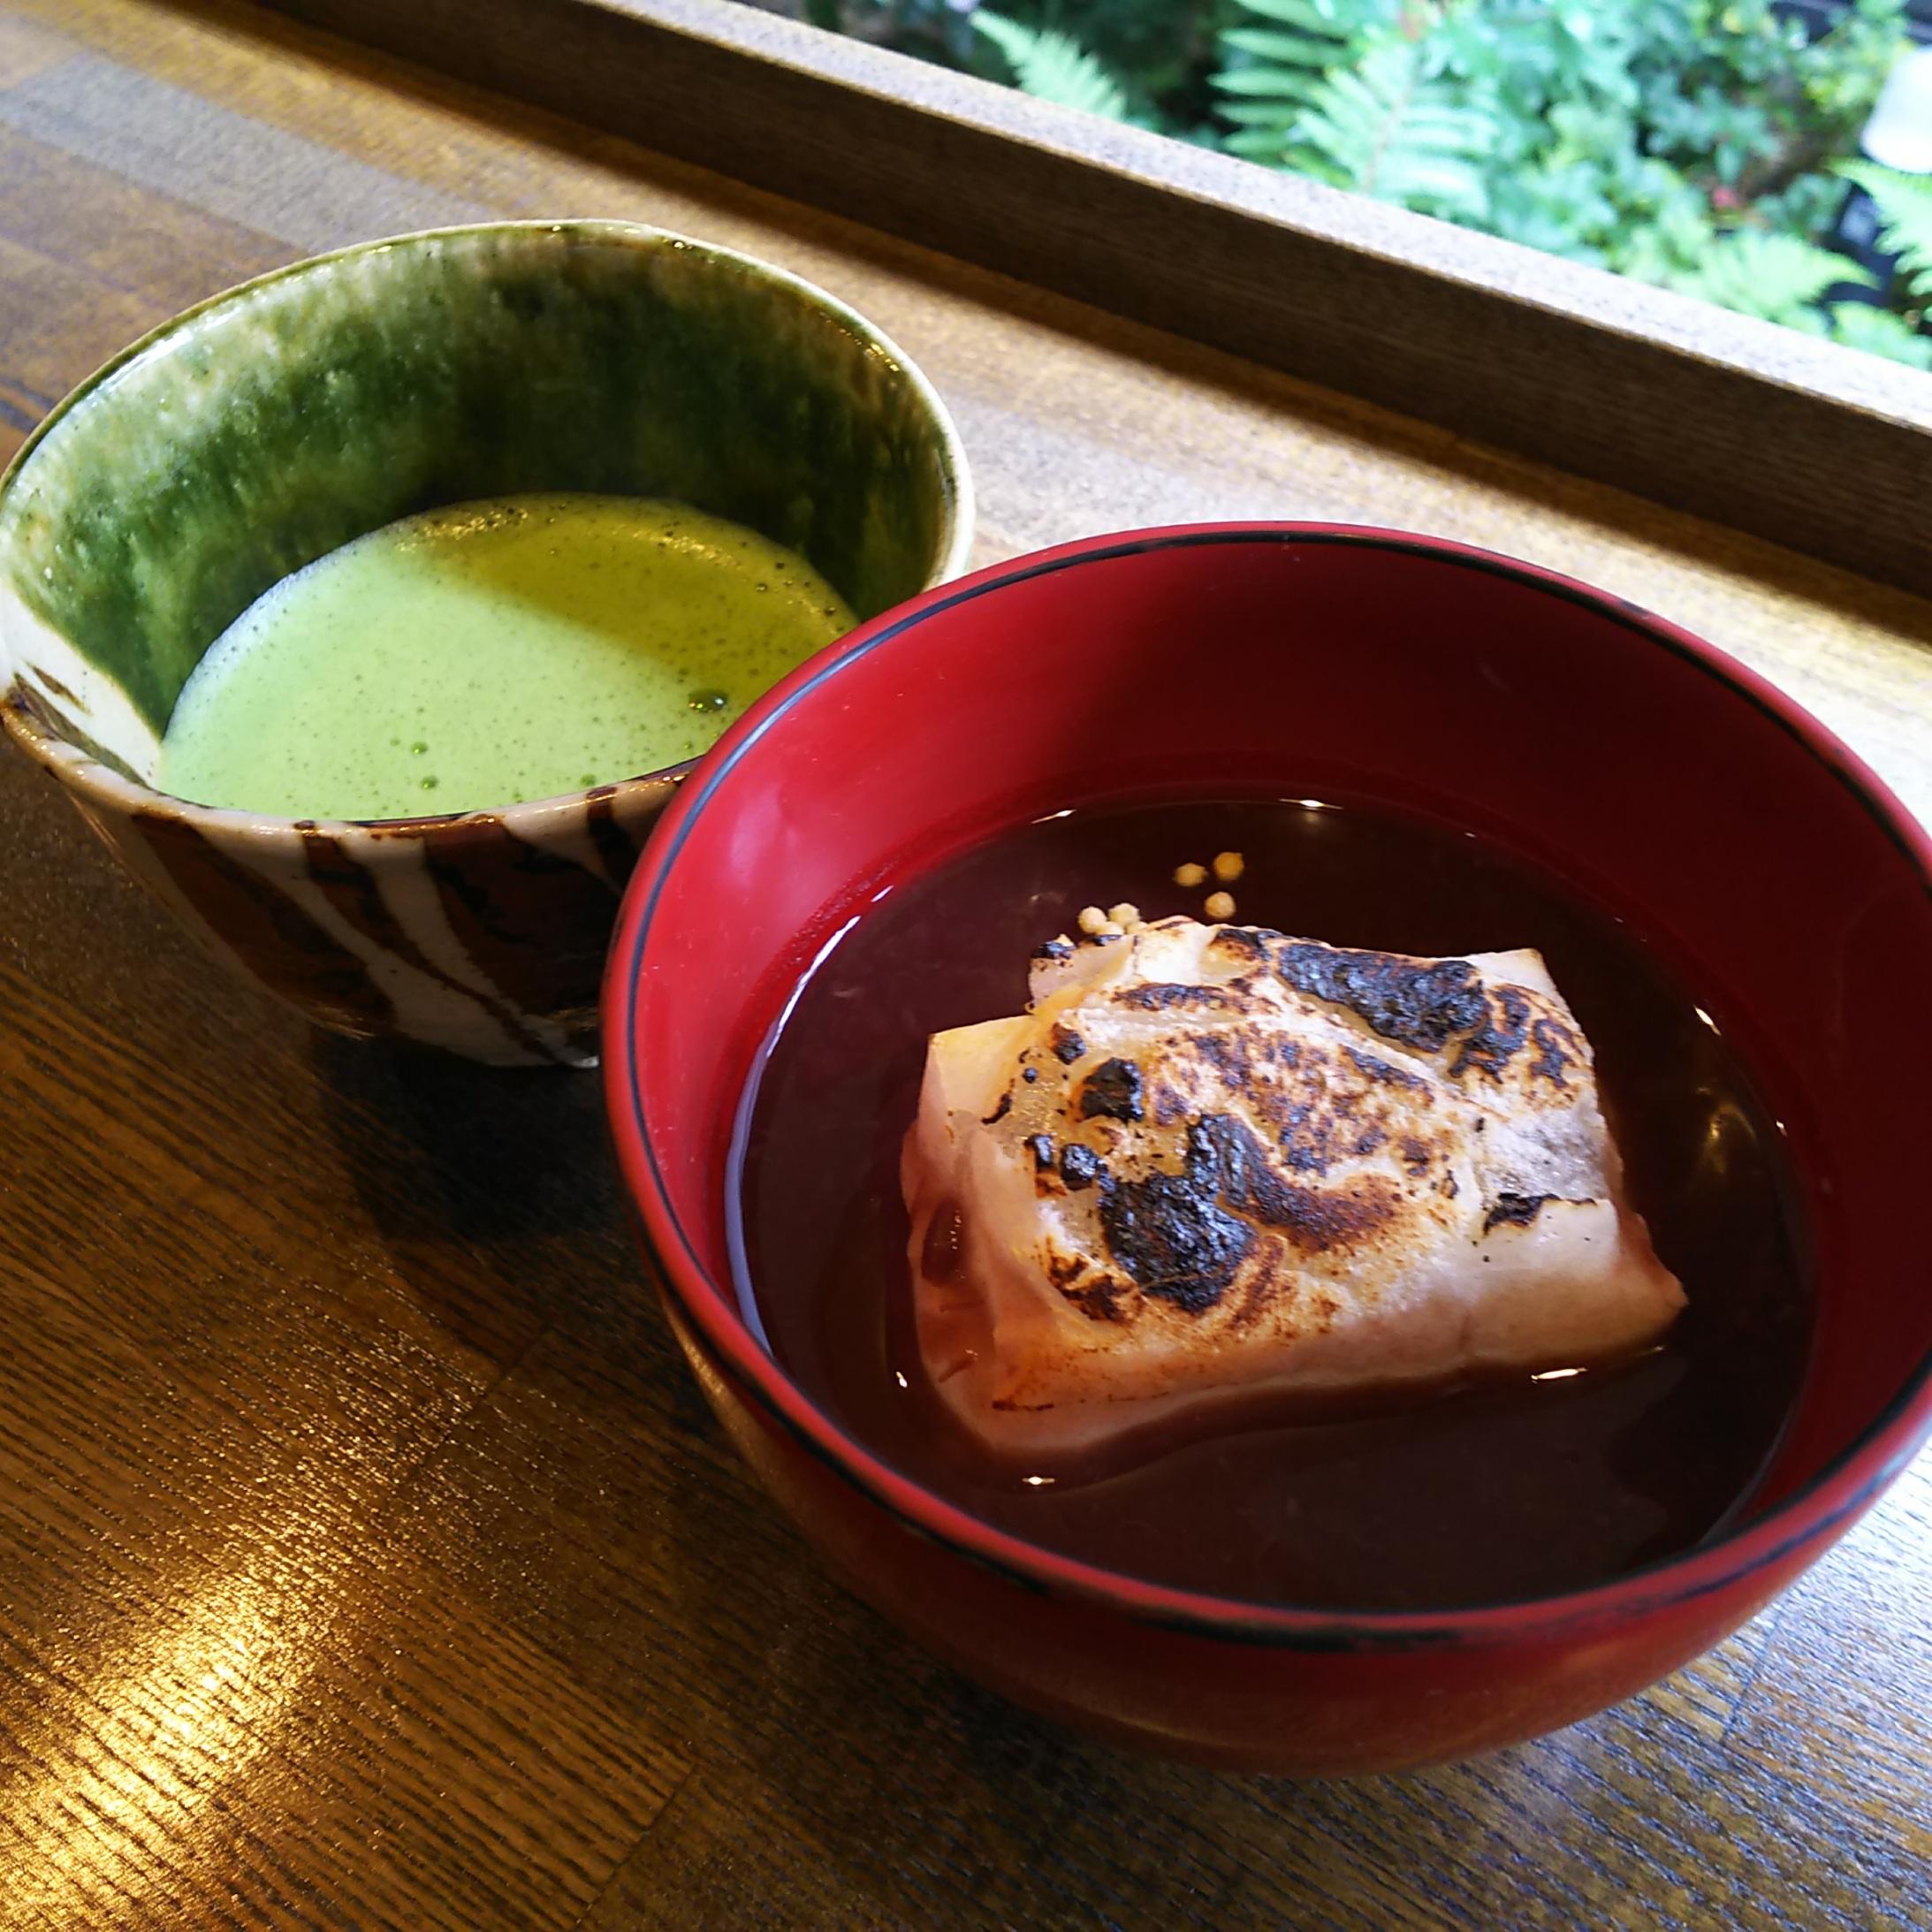 ぜんざい(焼き餅入り)とお抹茶のセット